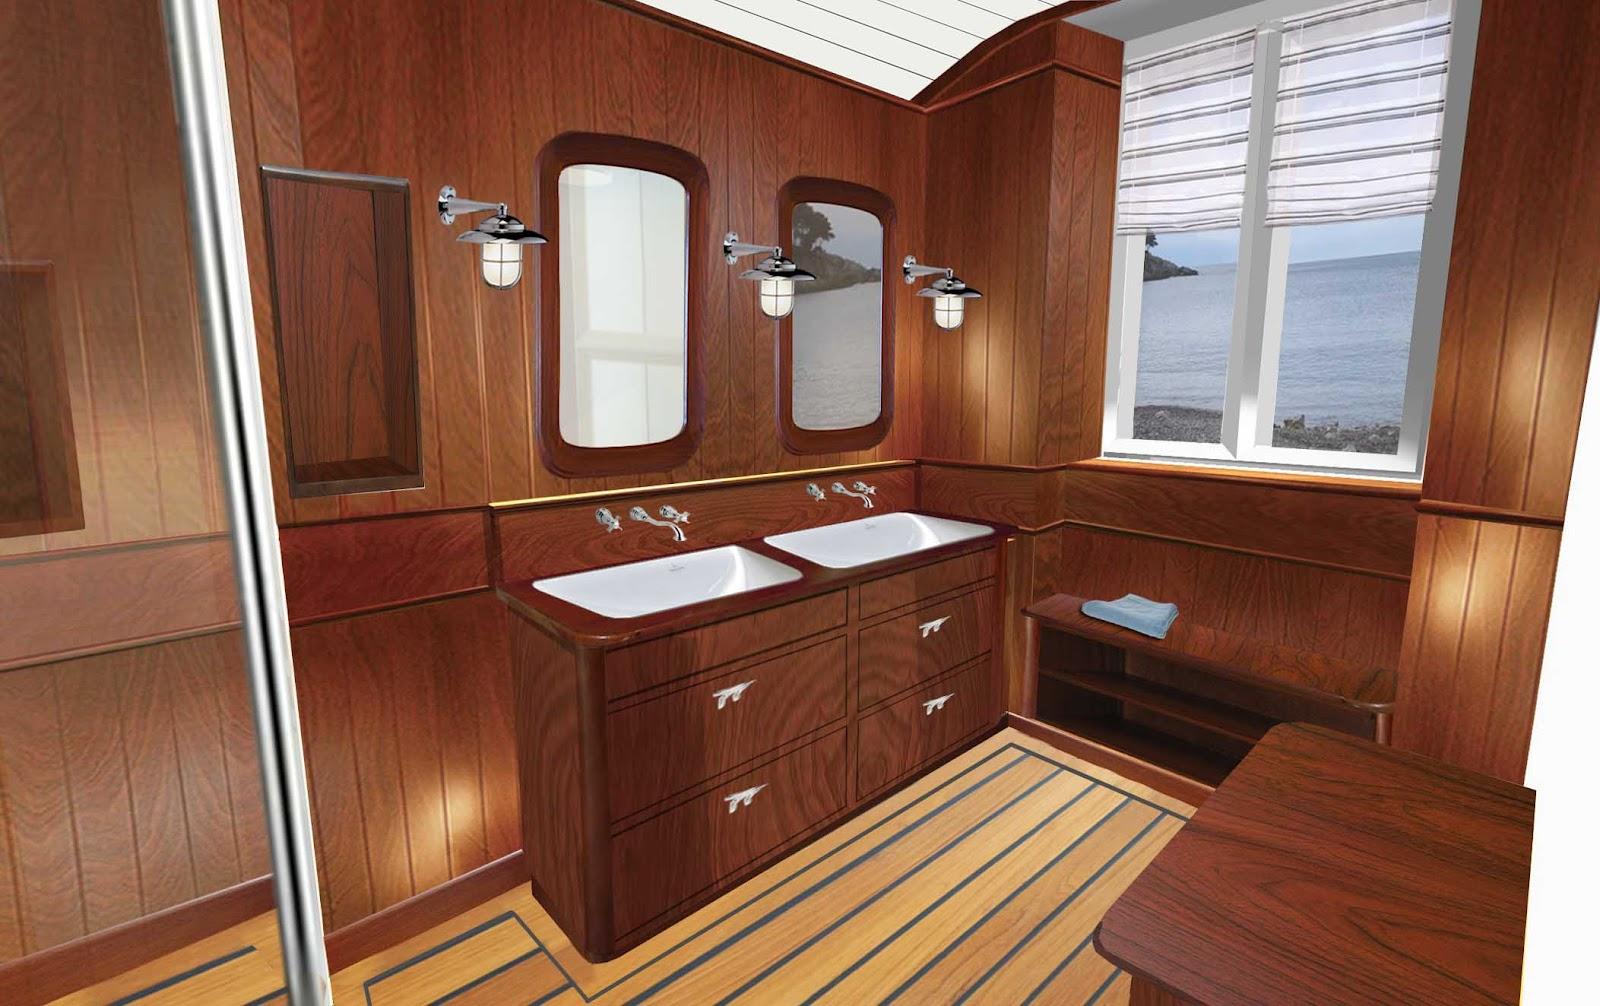 meuble de salle de bain maison du monde simple decoration maison salle de bain u chaios. Black Bedroom Furniture Sets. Home Design Ideas